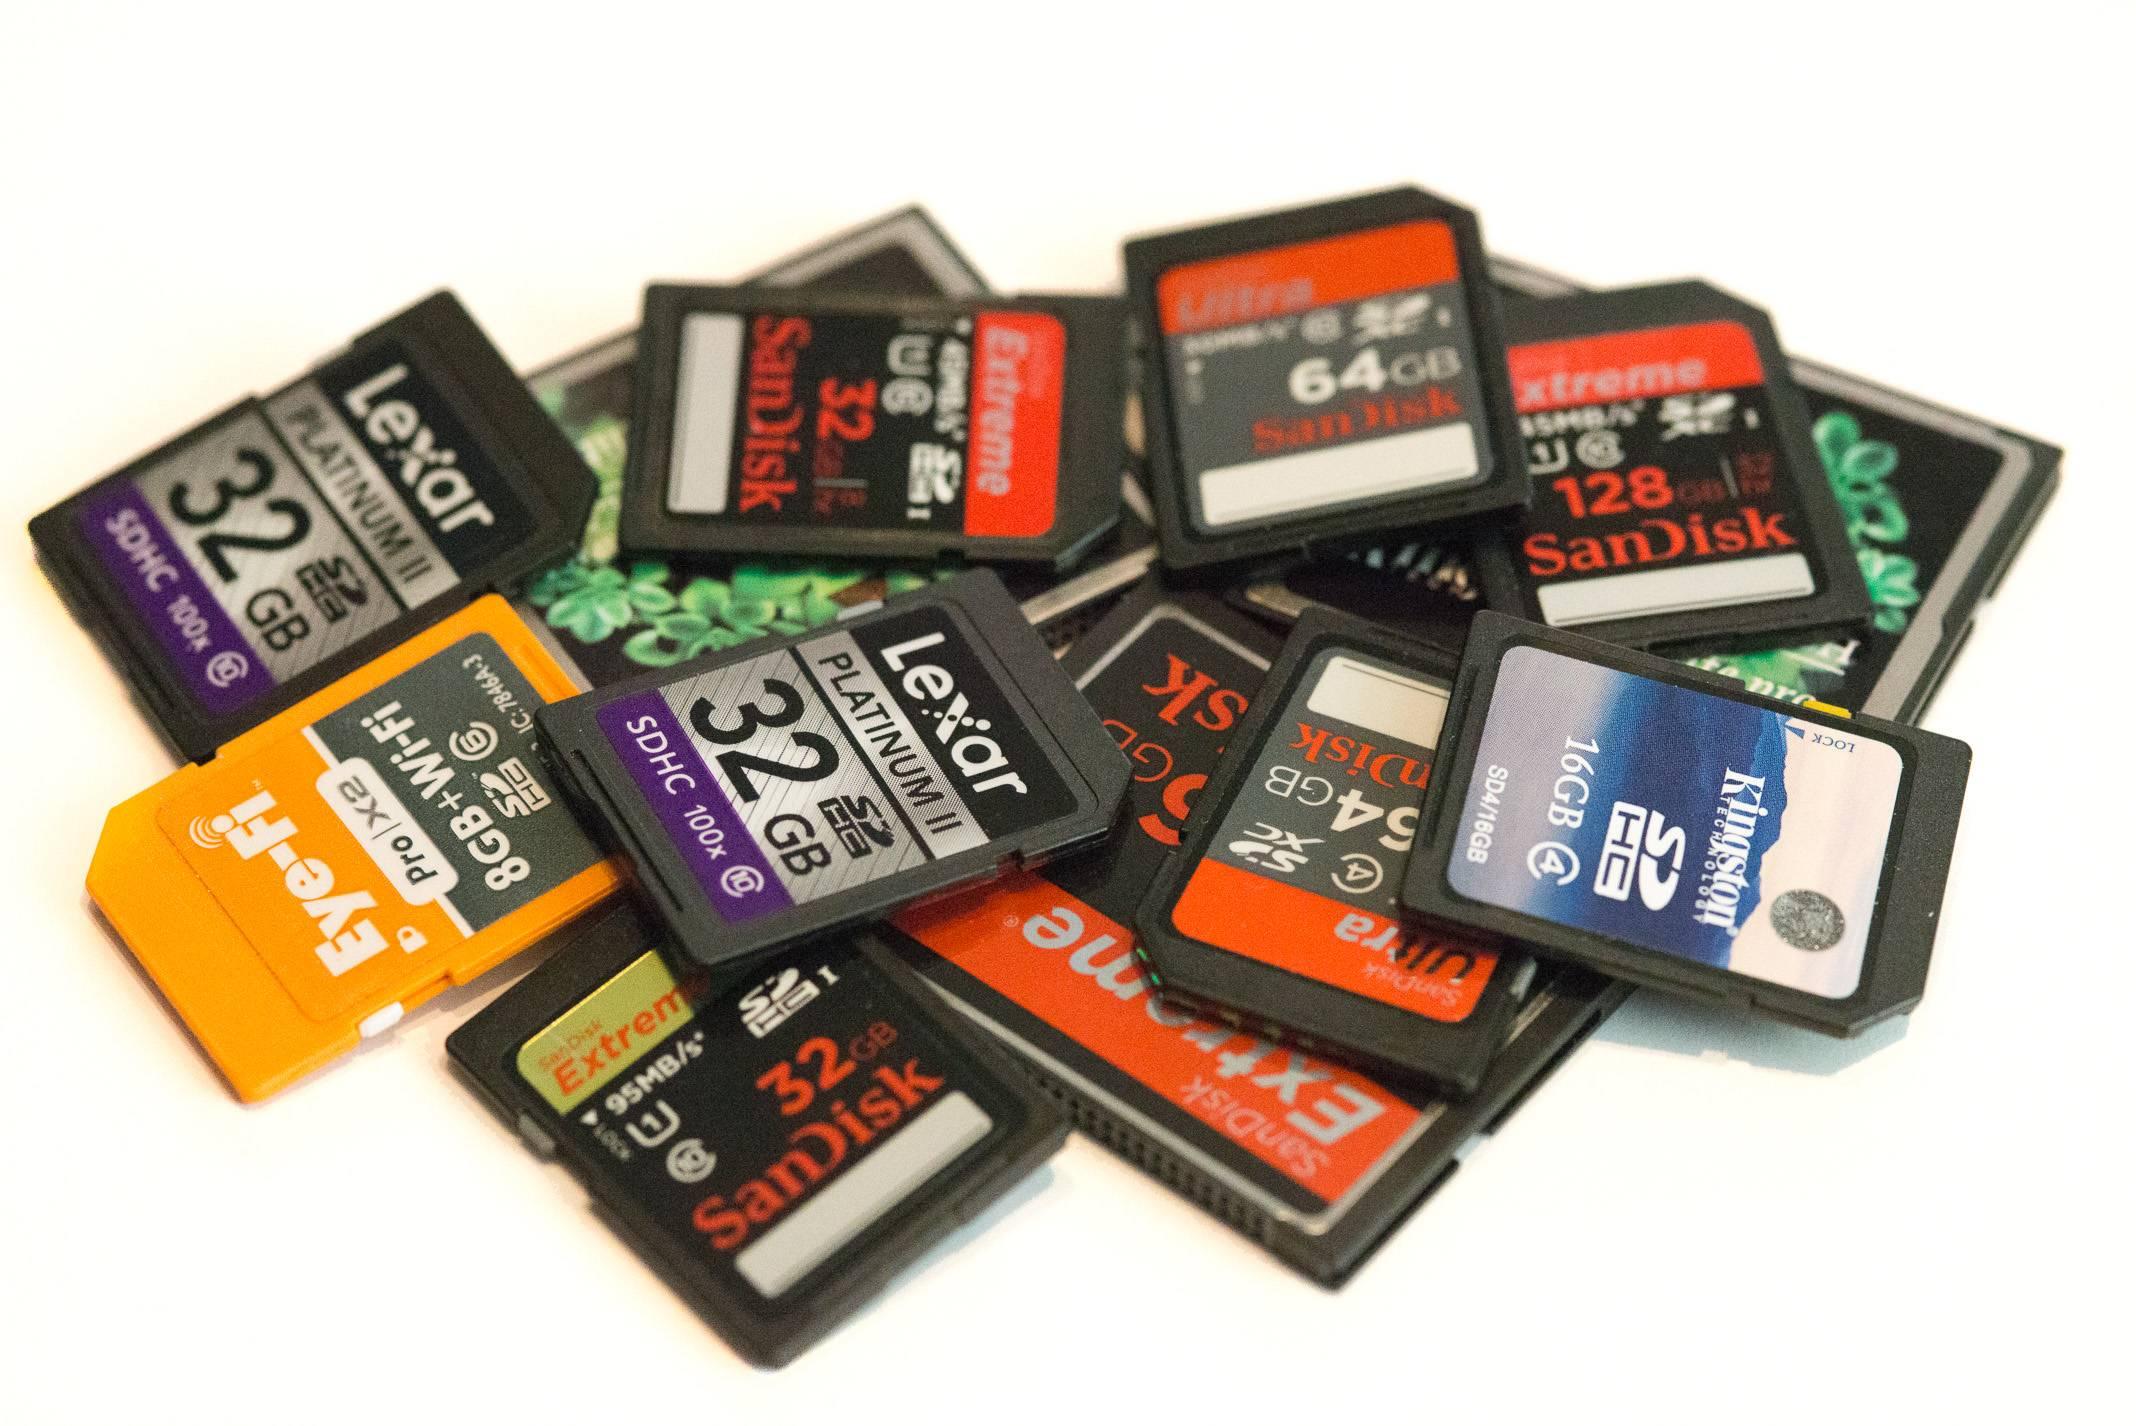 прикорневая воспроизвести фото карты памяти приоритет диафрагмы используется